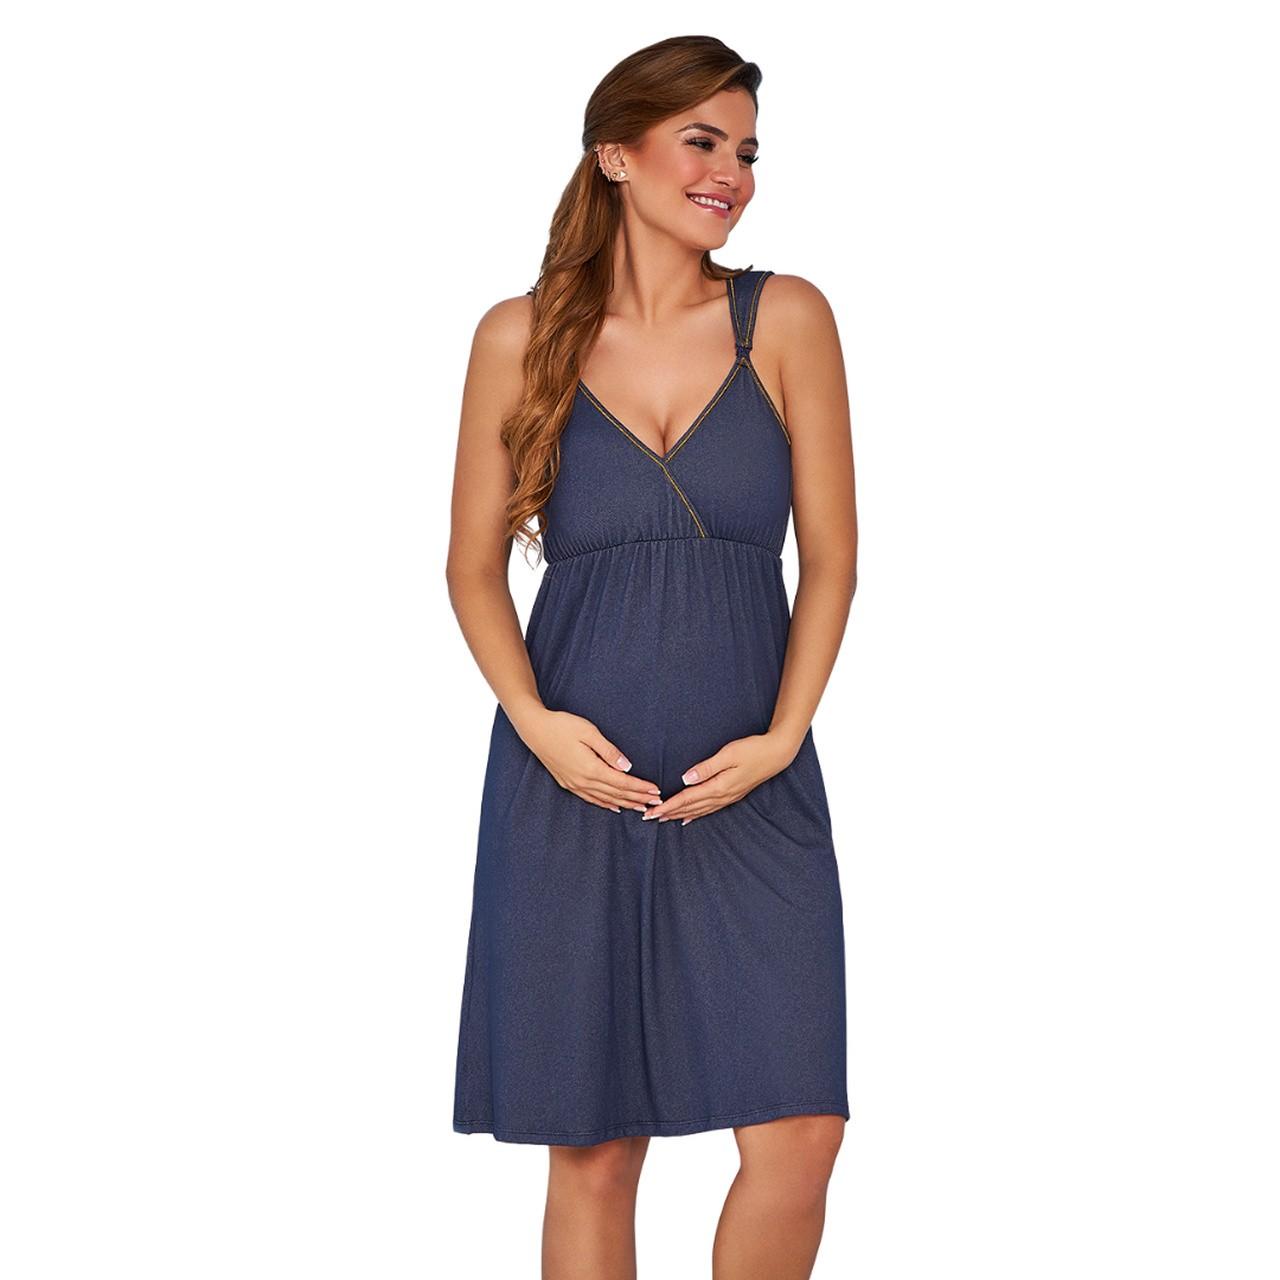 Camisola amamentação grávida de alcinha com abertura seios